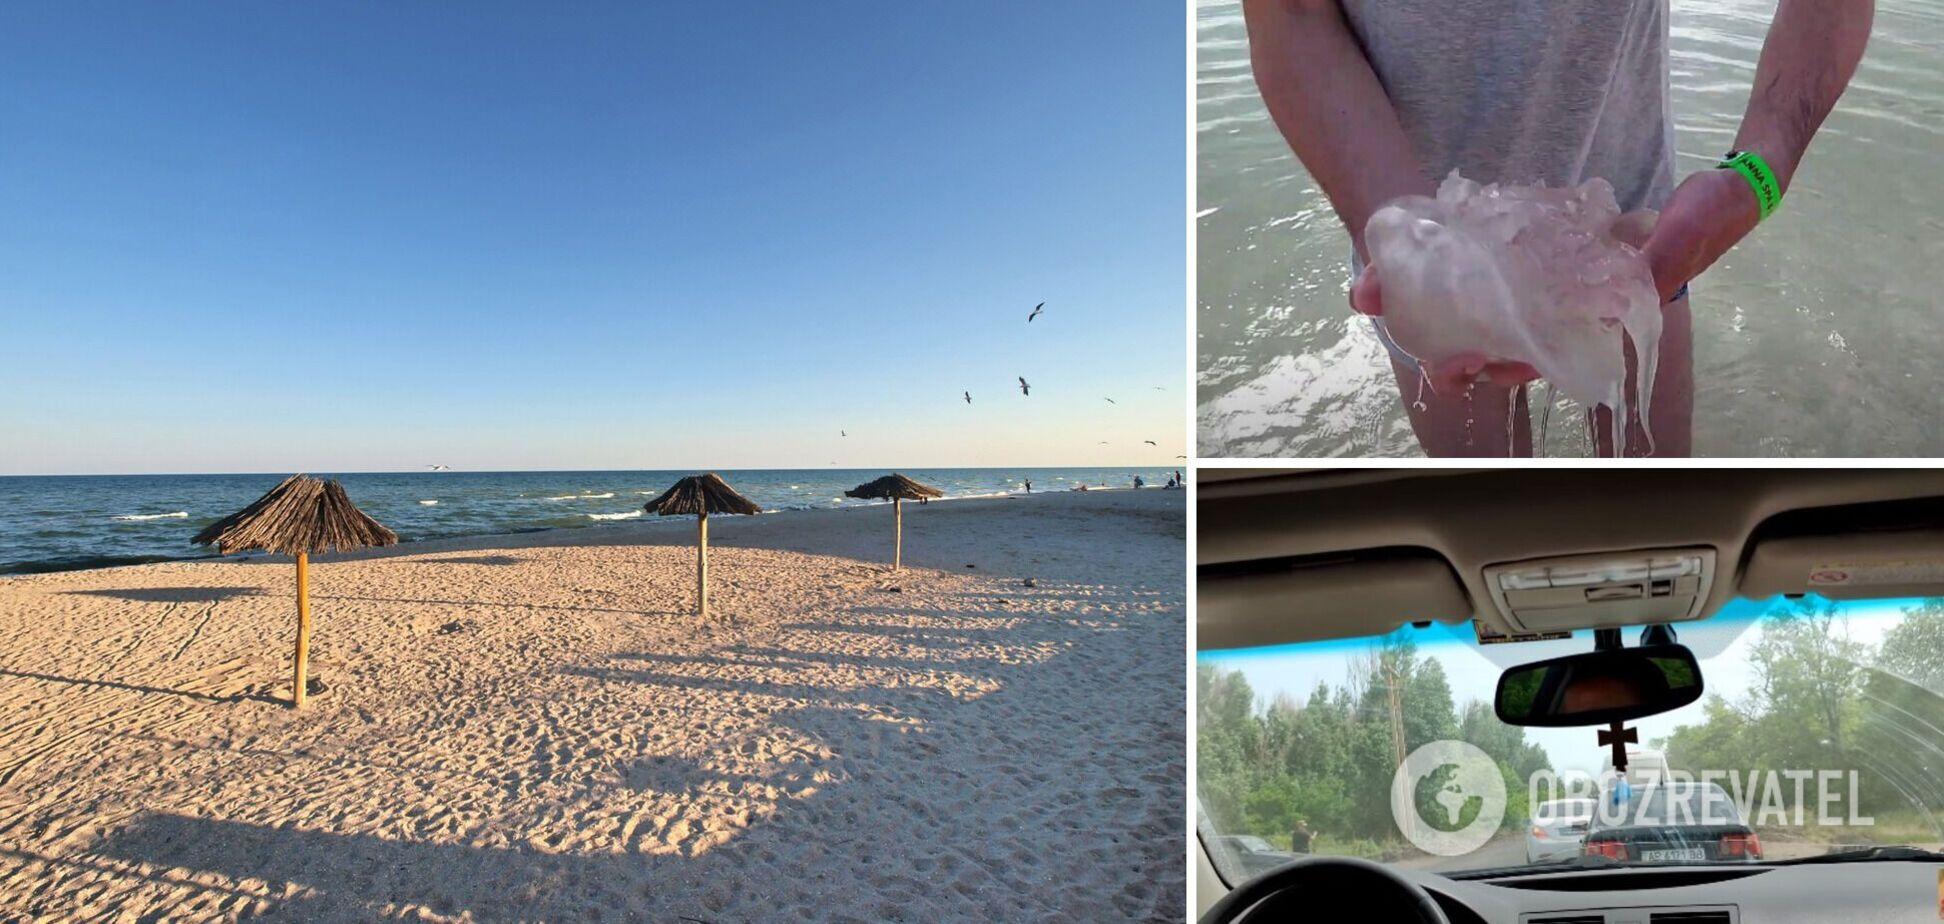 Туристи 'штурмують' курортну Кирилівку, незважаючи на появу медуз. Свіжі фото та відео